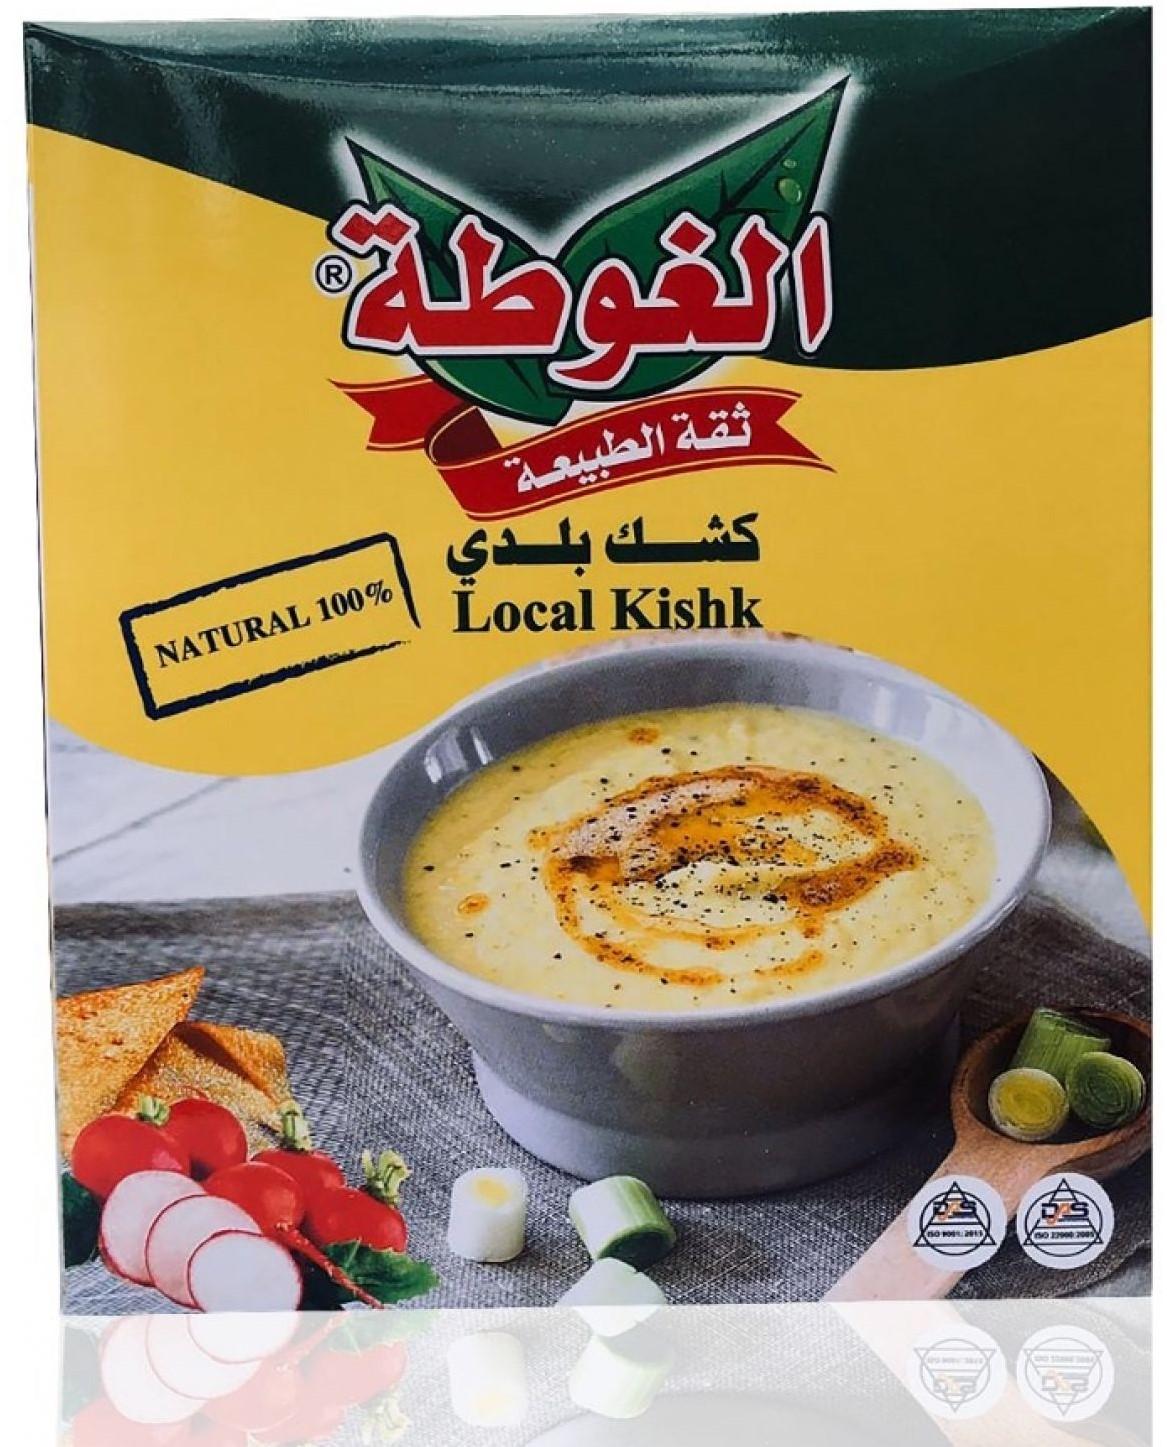 Alghota Keshk 800g كشك الغوطة